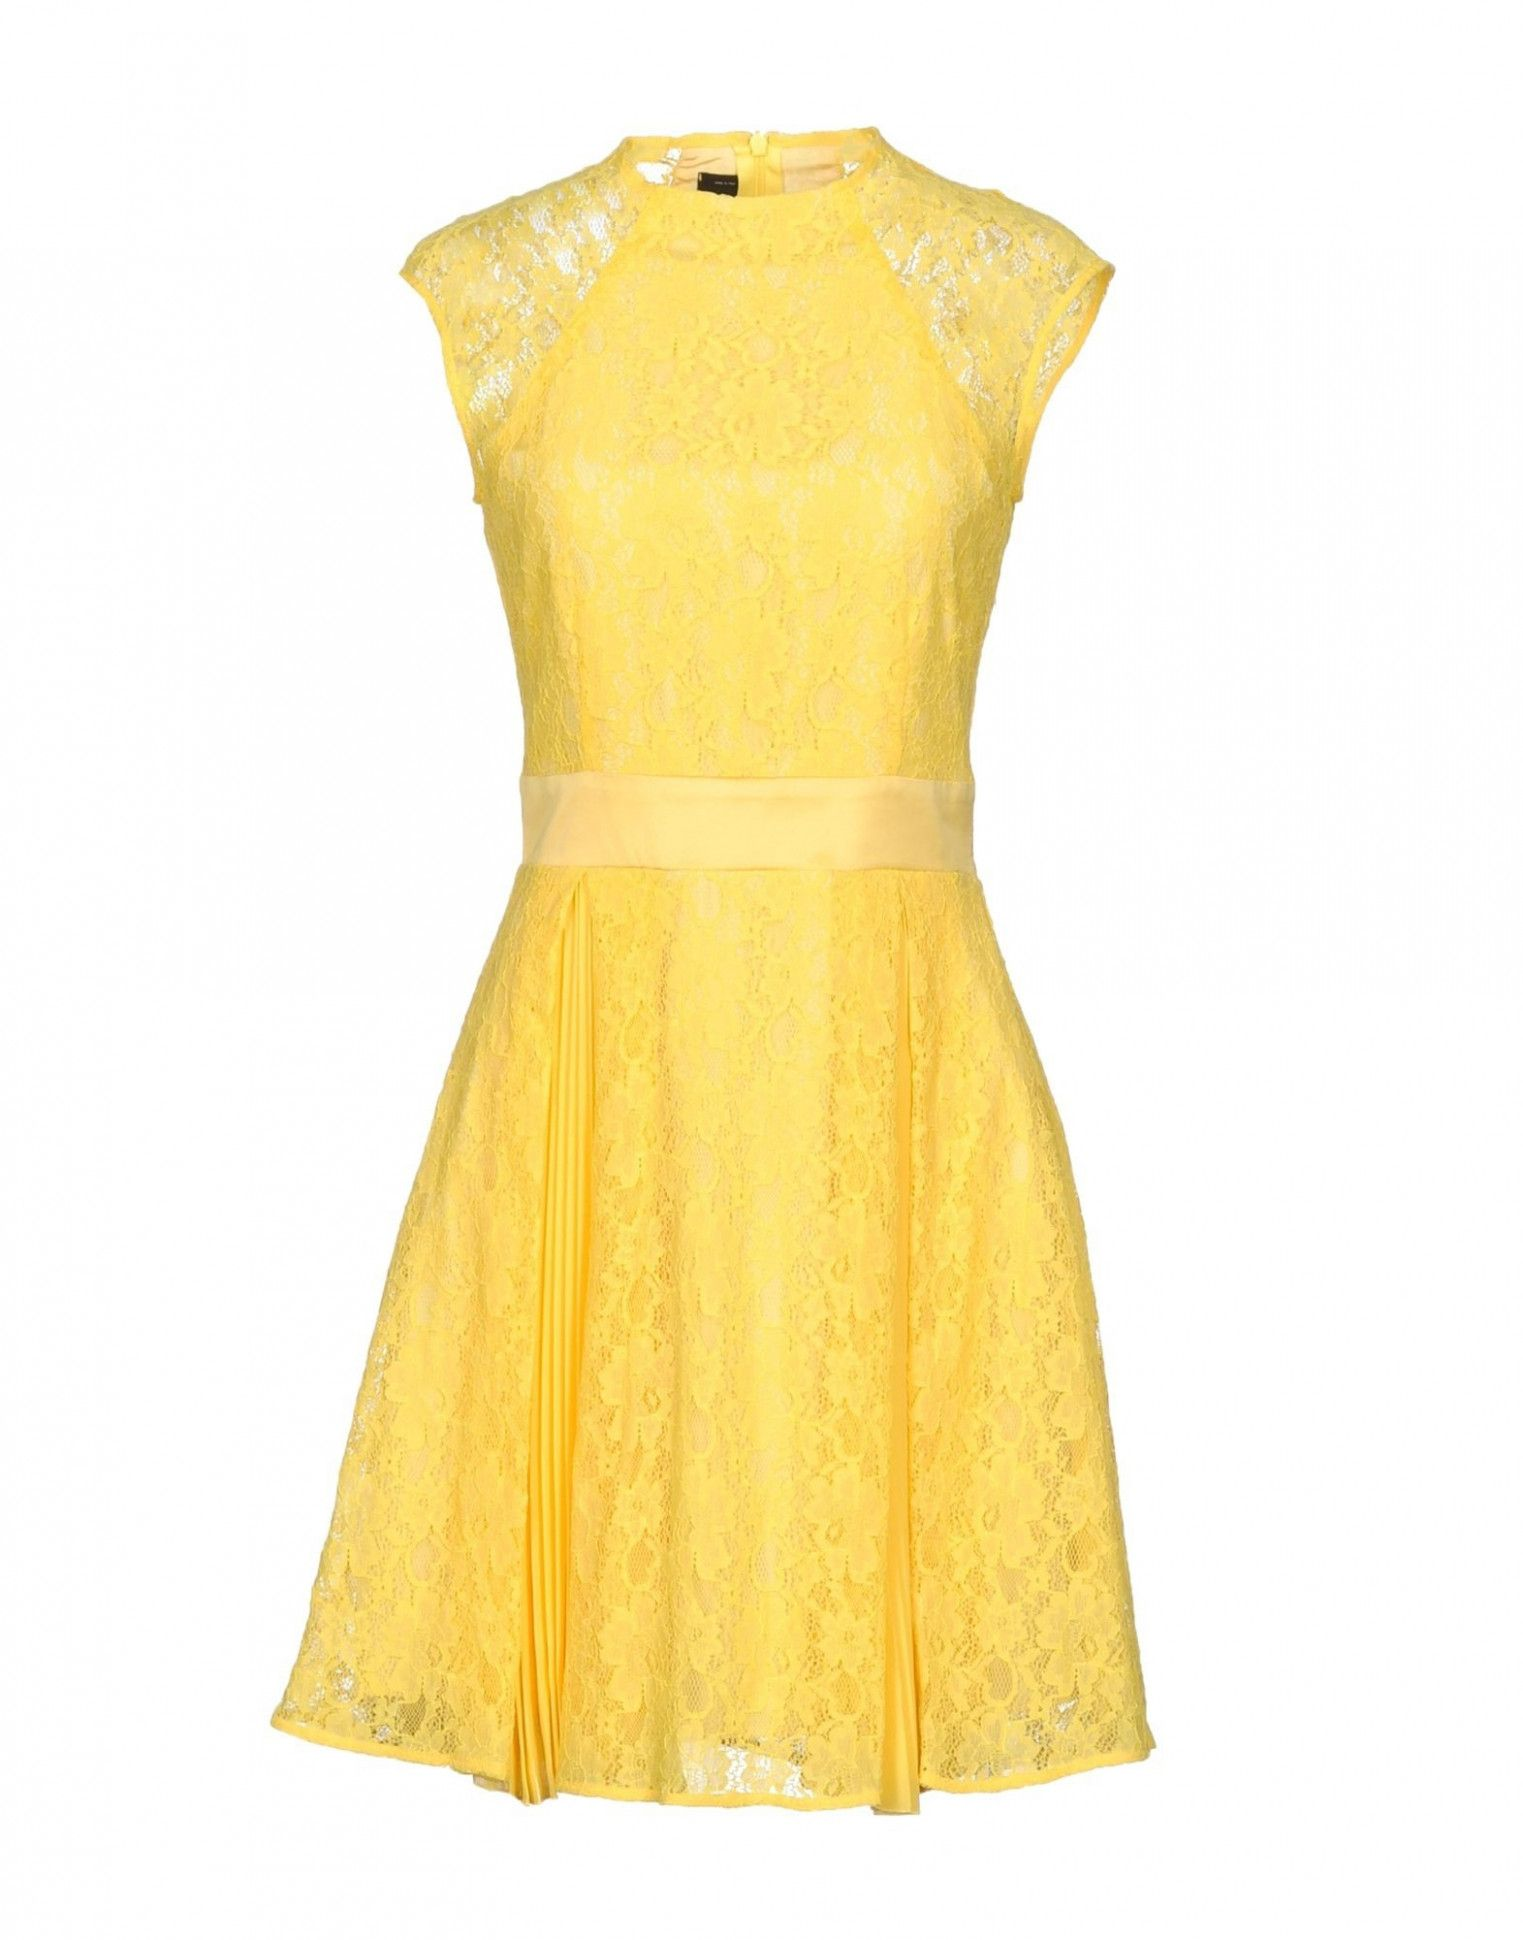 3 Kleid Gelb Spitze in 3  Kleider, Gelb, Abendkleid